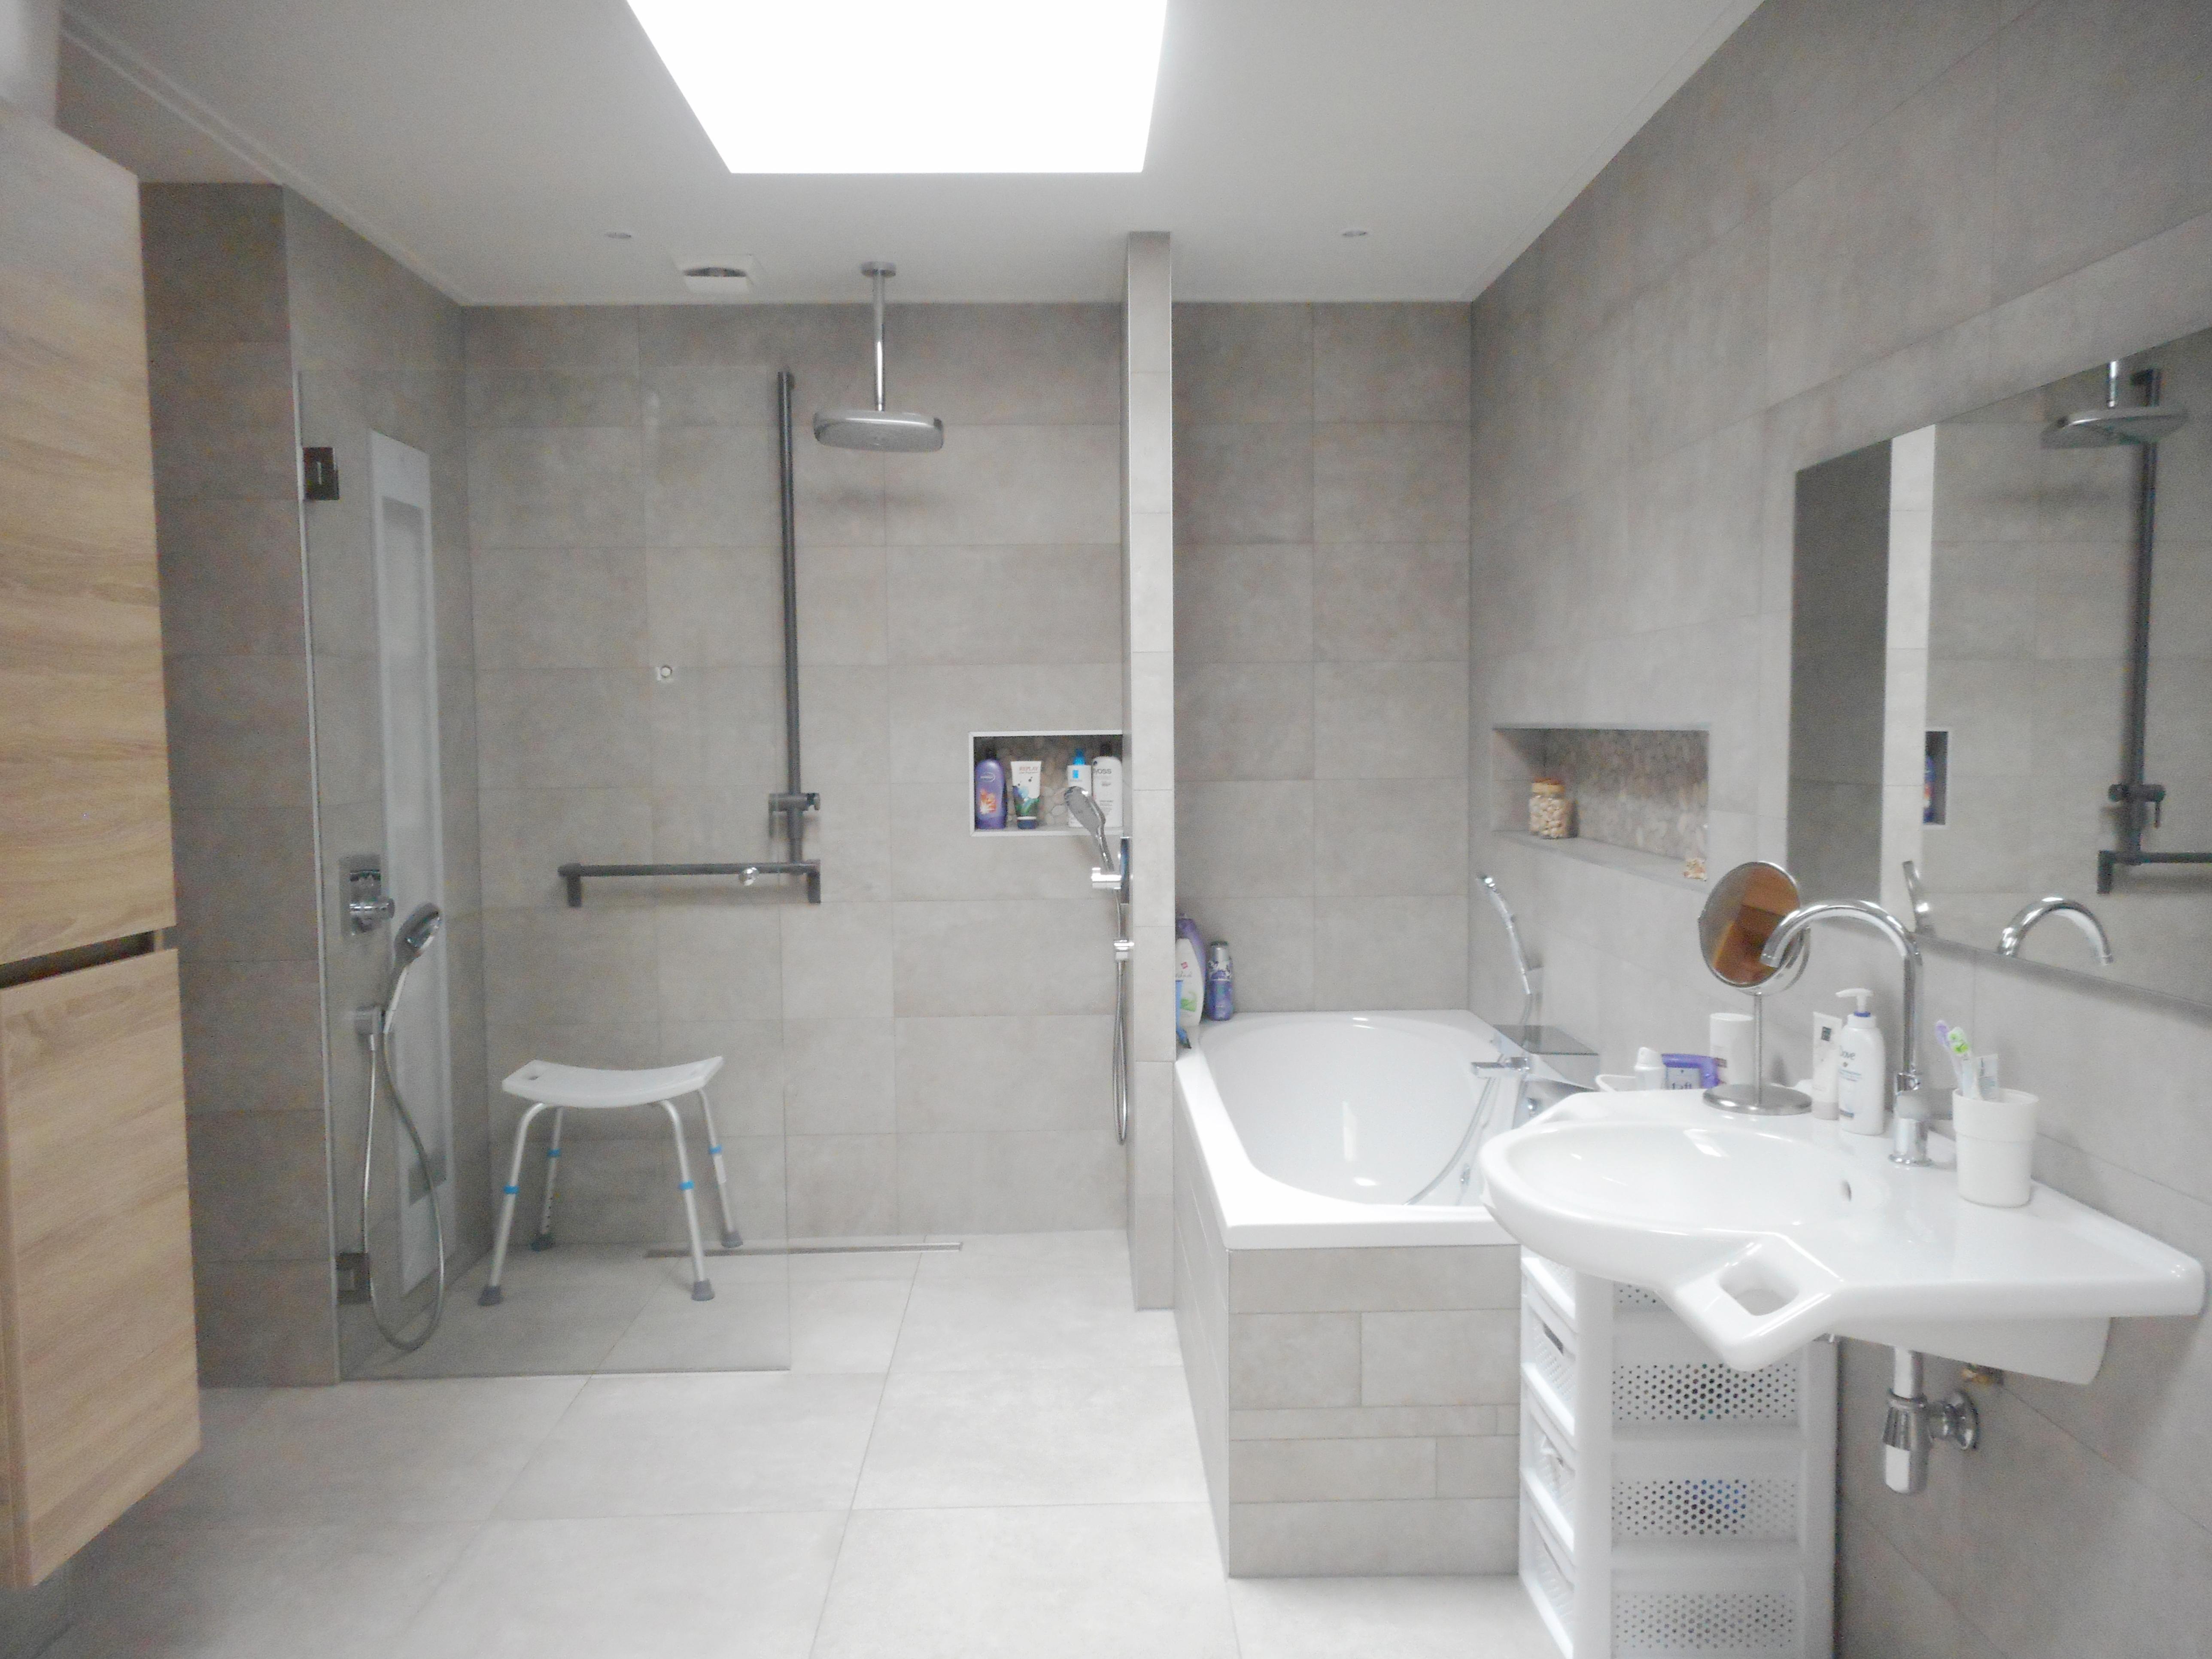 Badkamer Zonder Toilet : Over een paar jaar zitten we allemaal op een douchetoilet